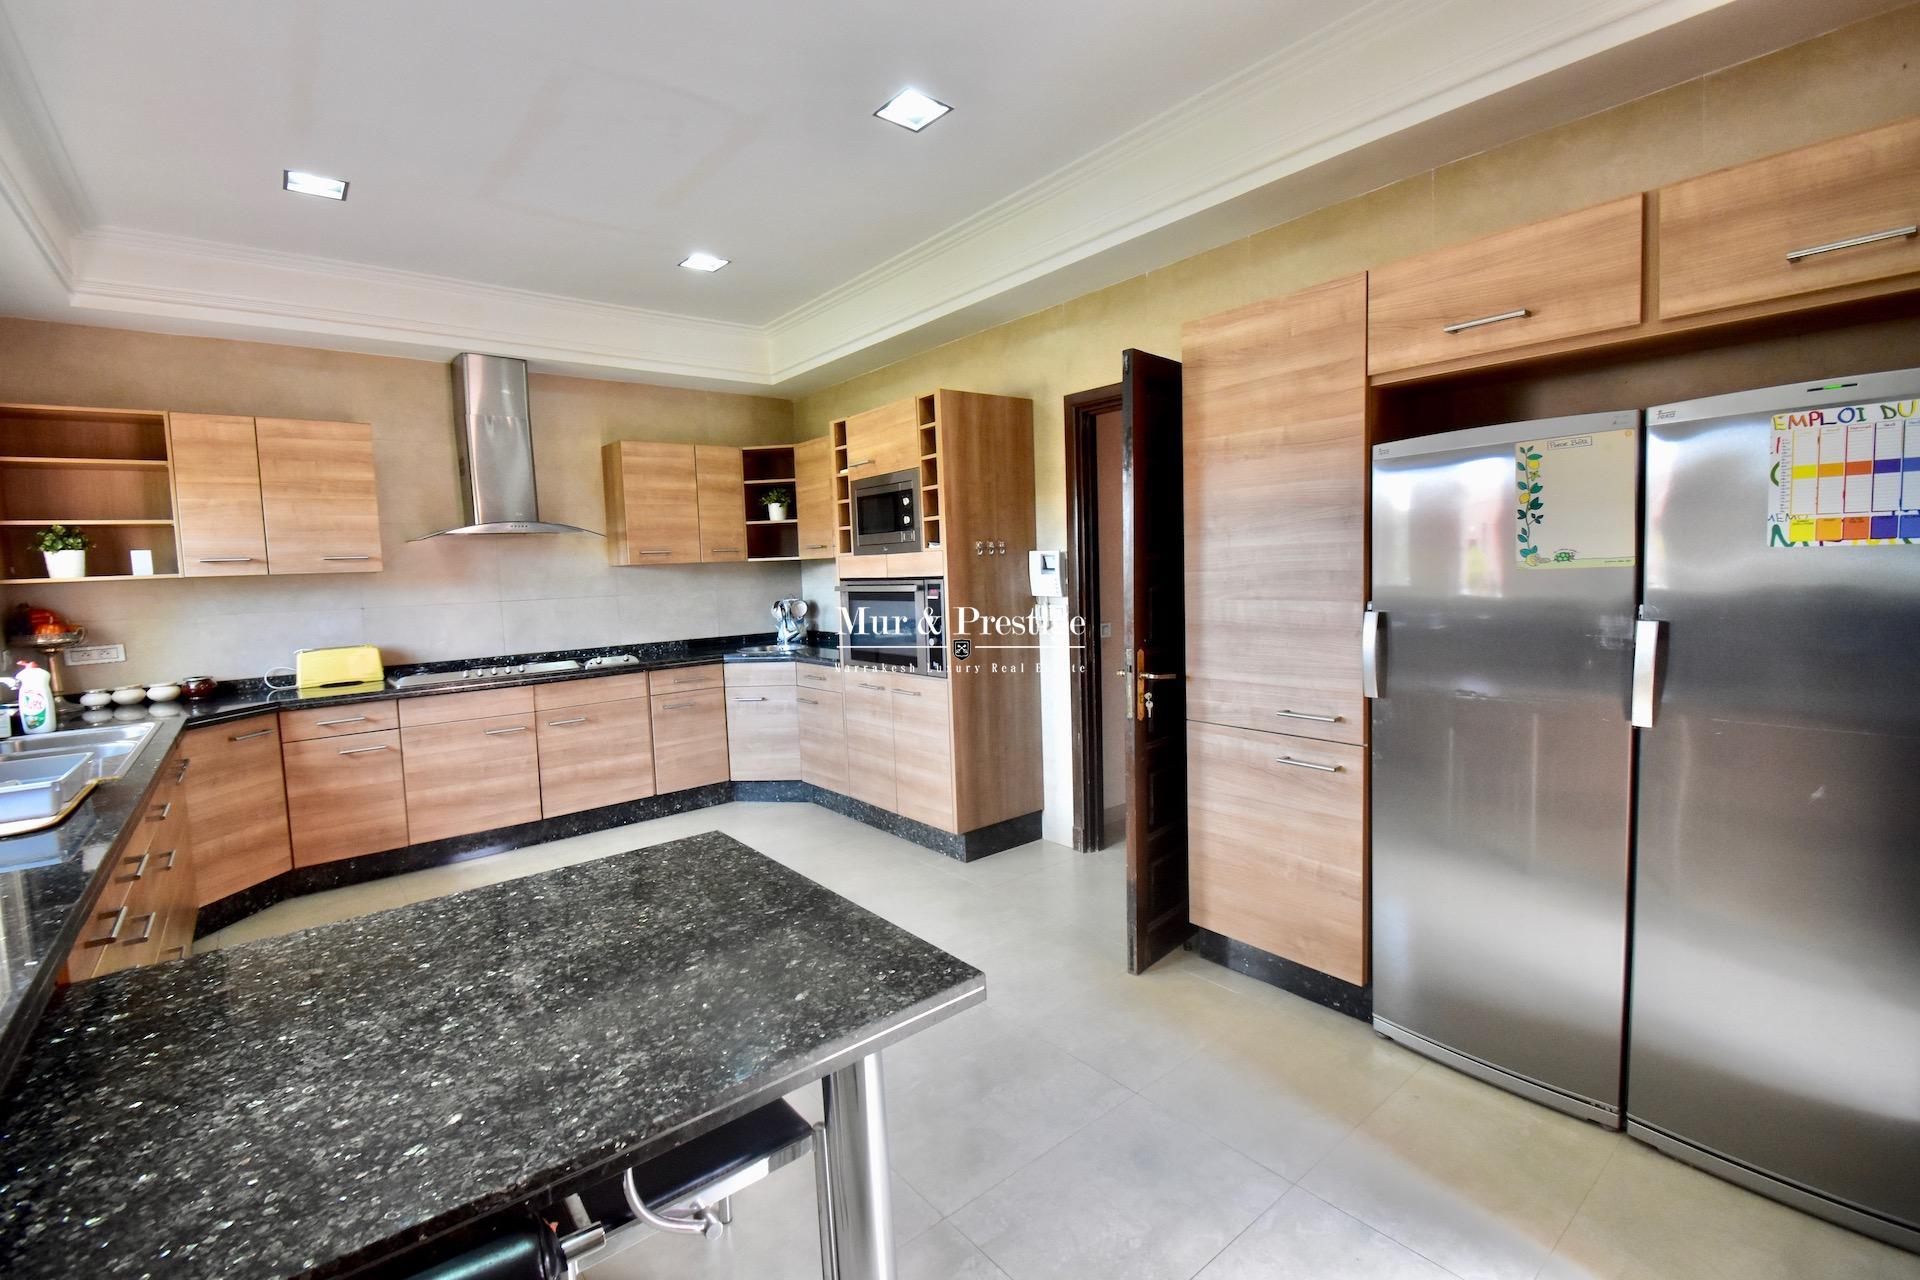 Agence immobilière Marrakech - Propriété de plain-pied à vendre à proximité du Golf Royal